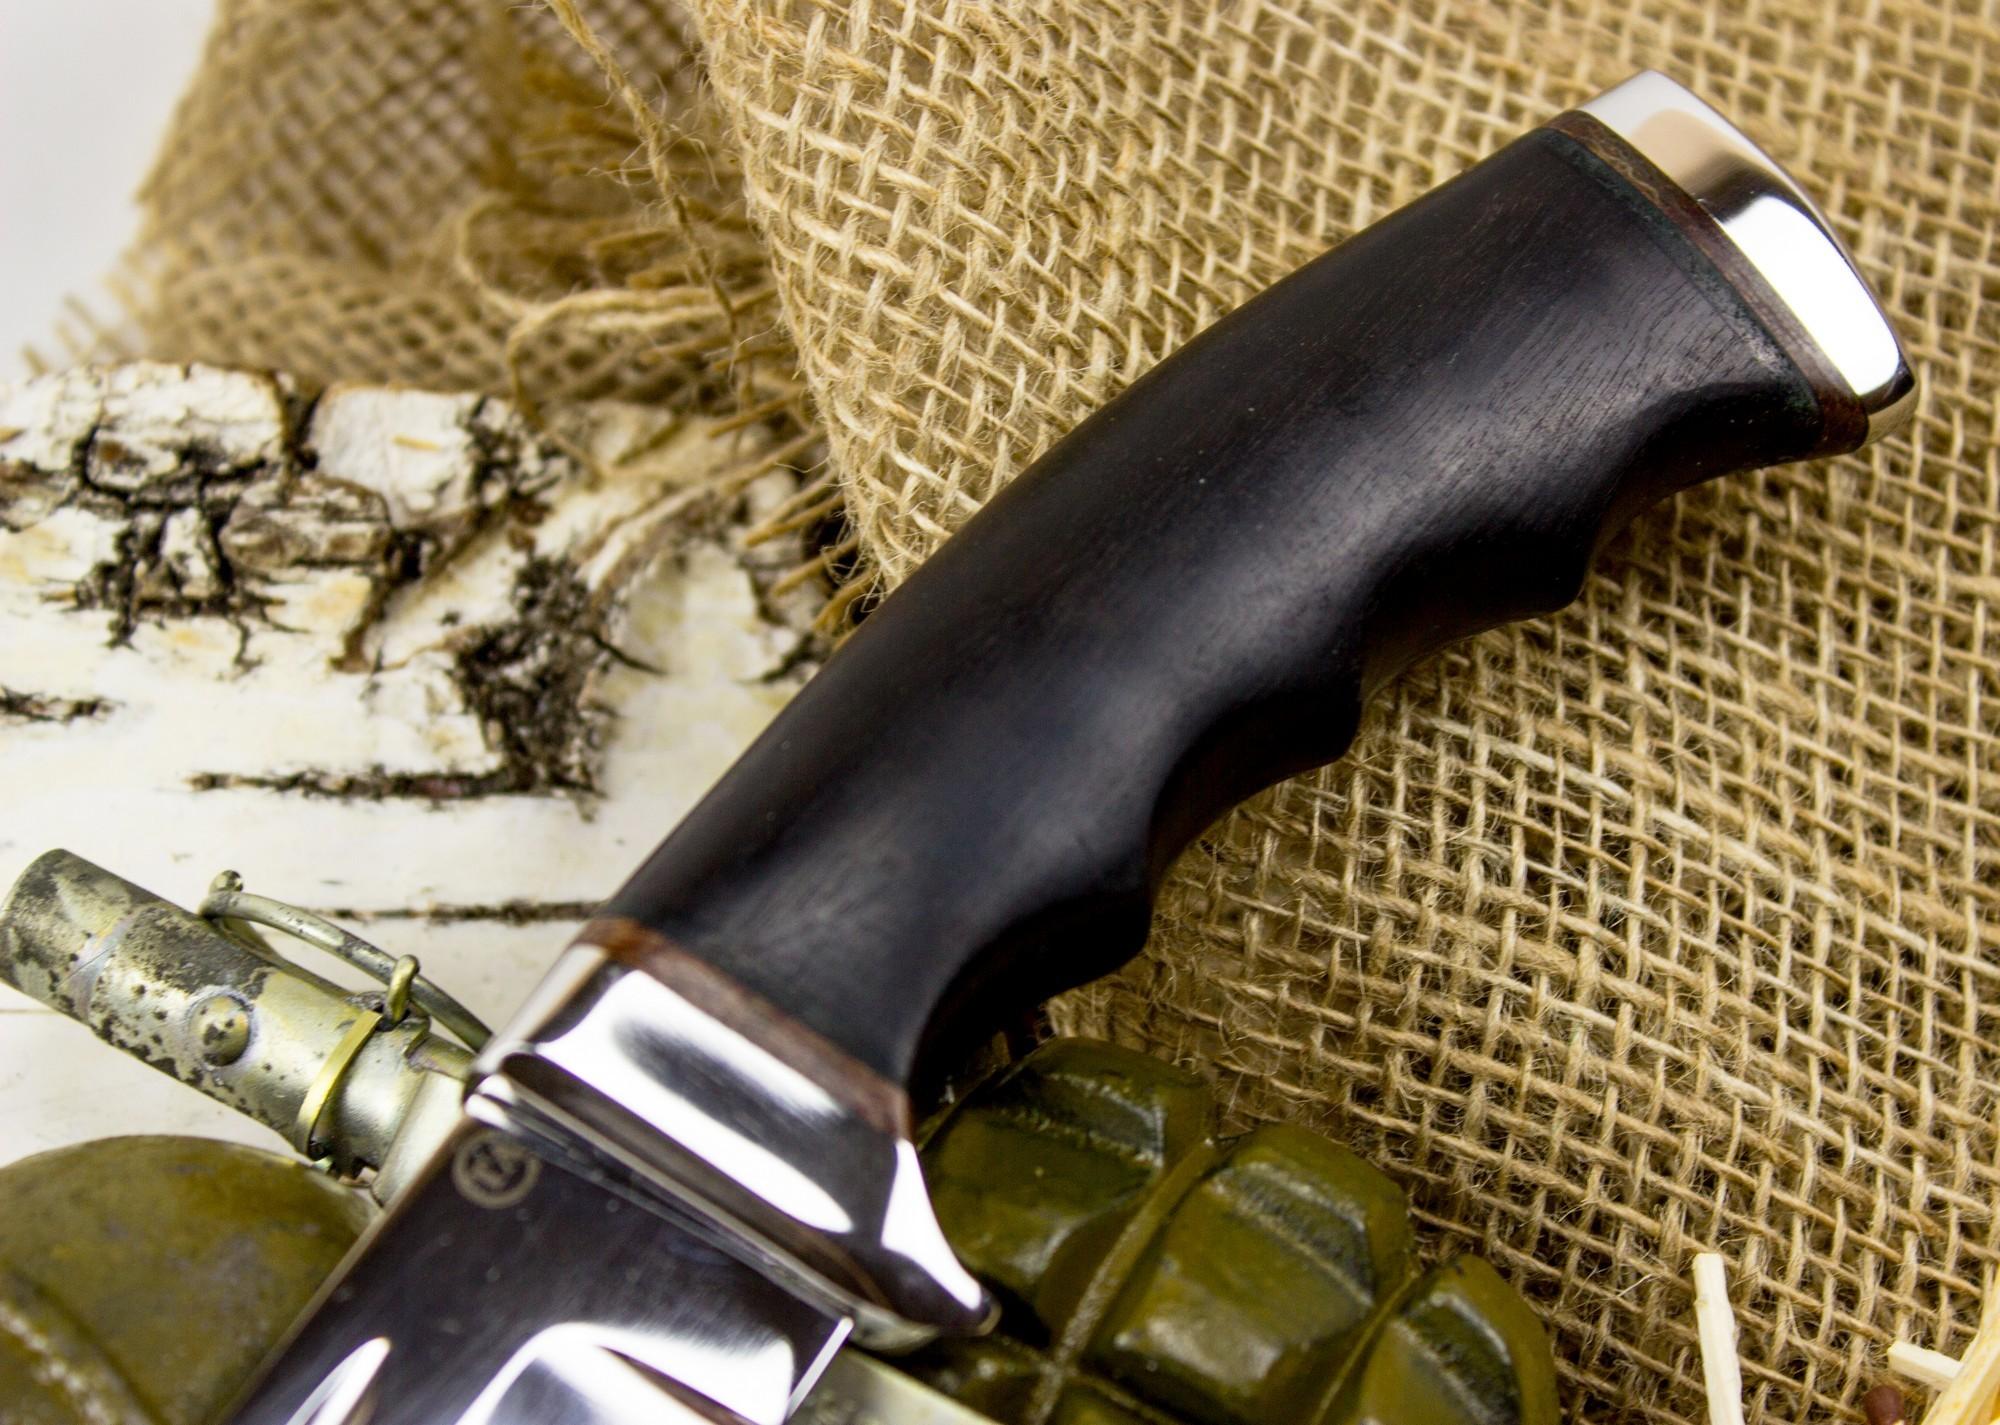 Фото 2 - Нож Солдат-1, сталь 95х18, граб от Титов и Солдатова